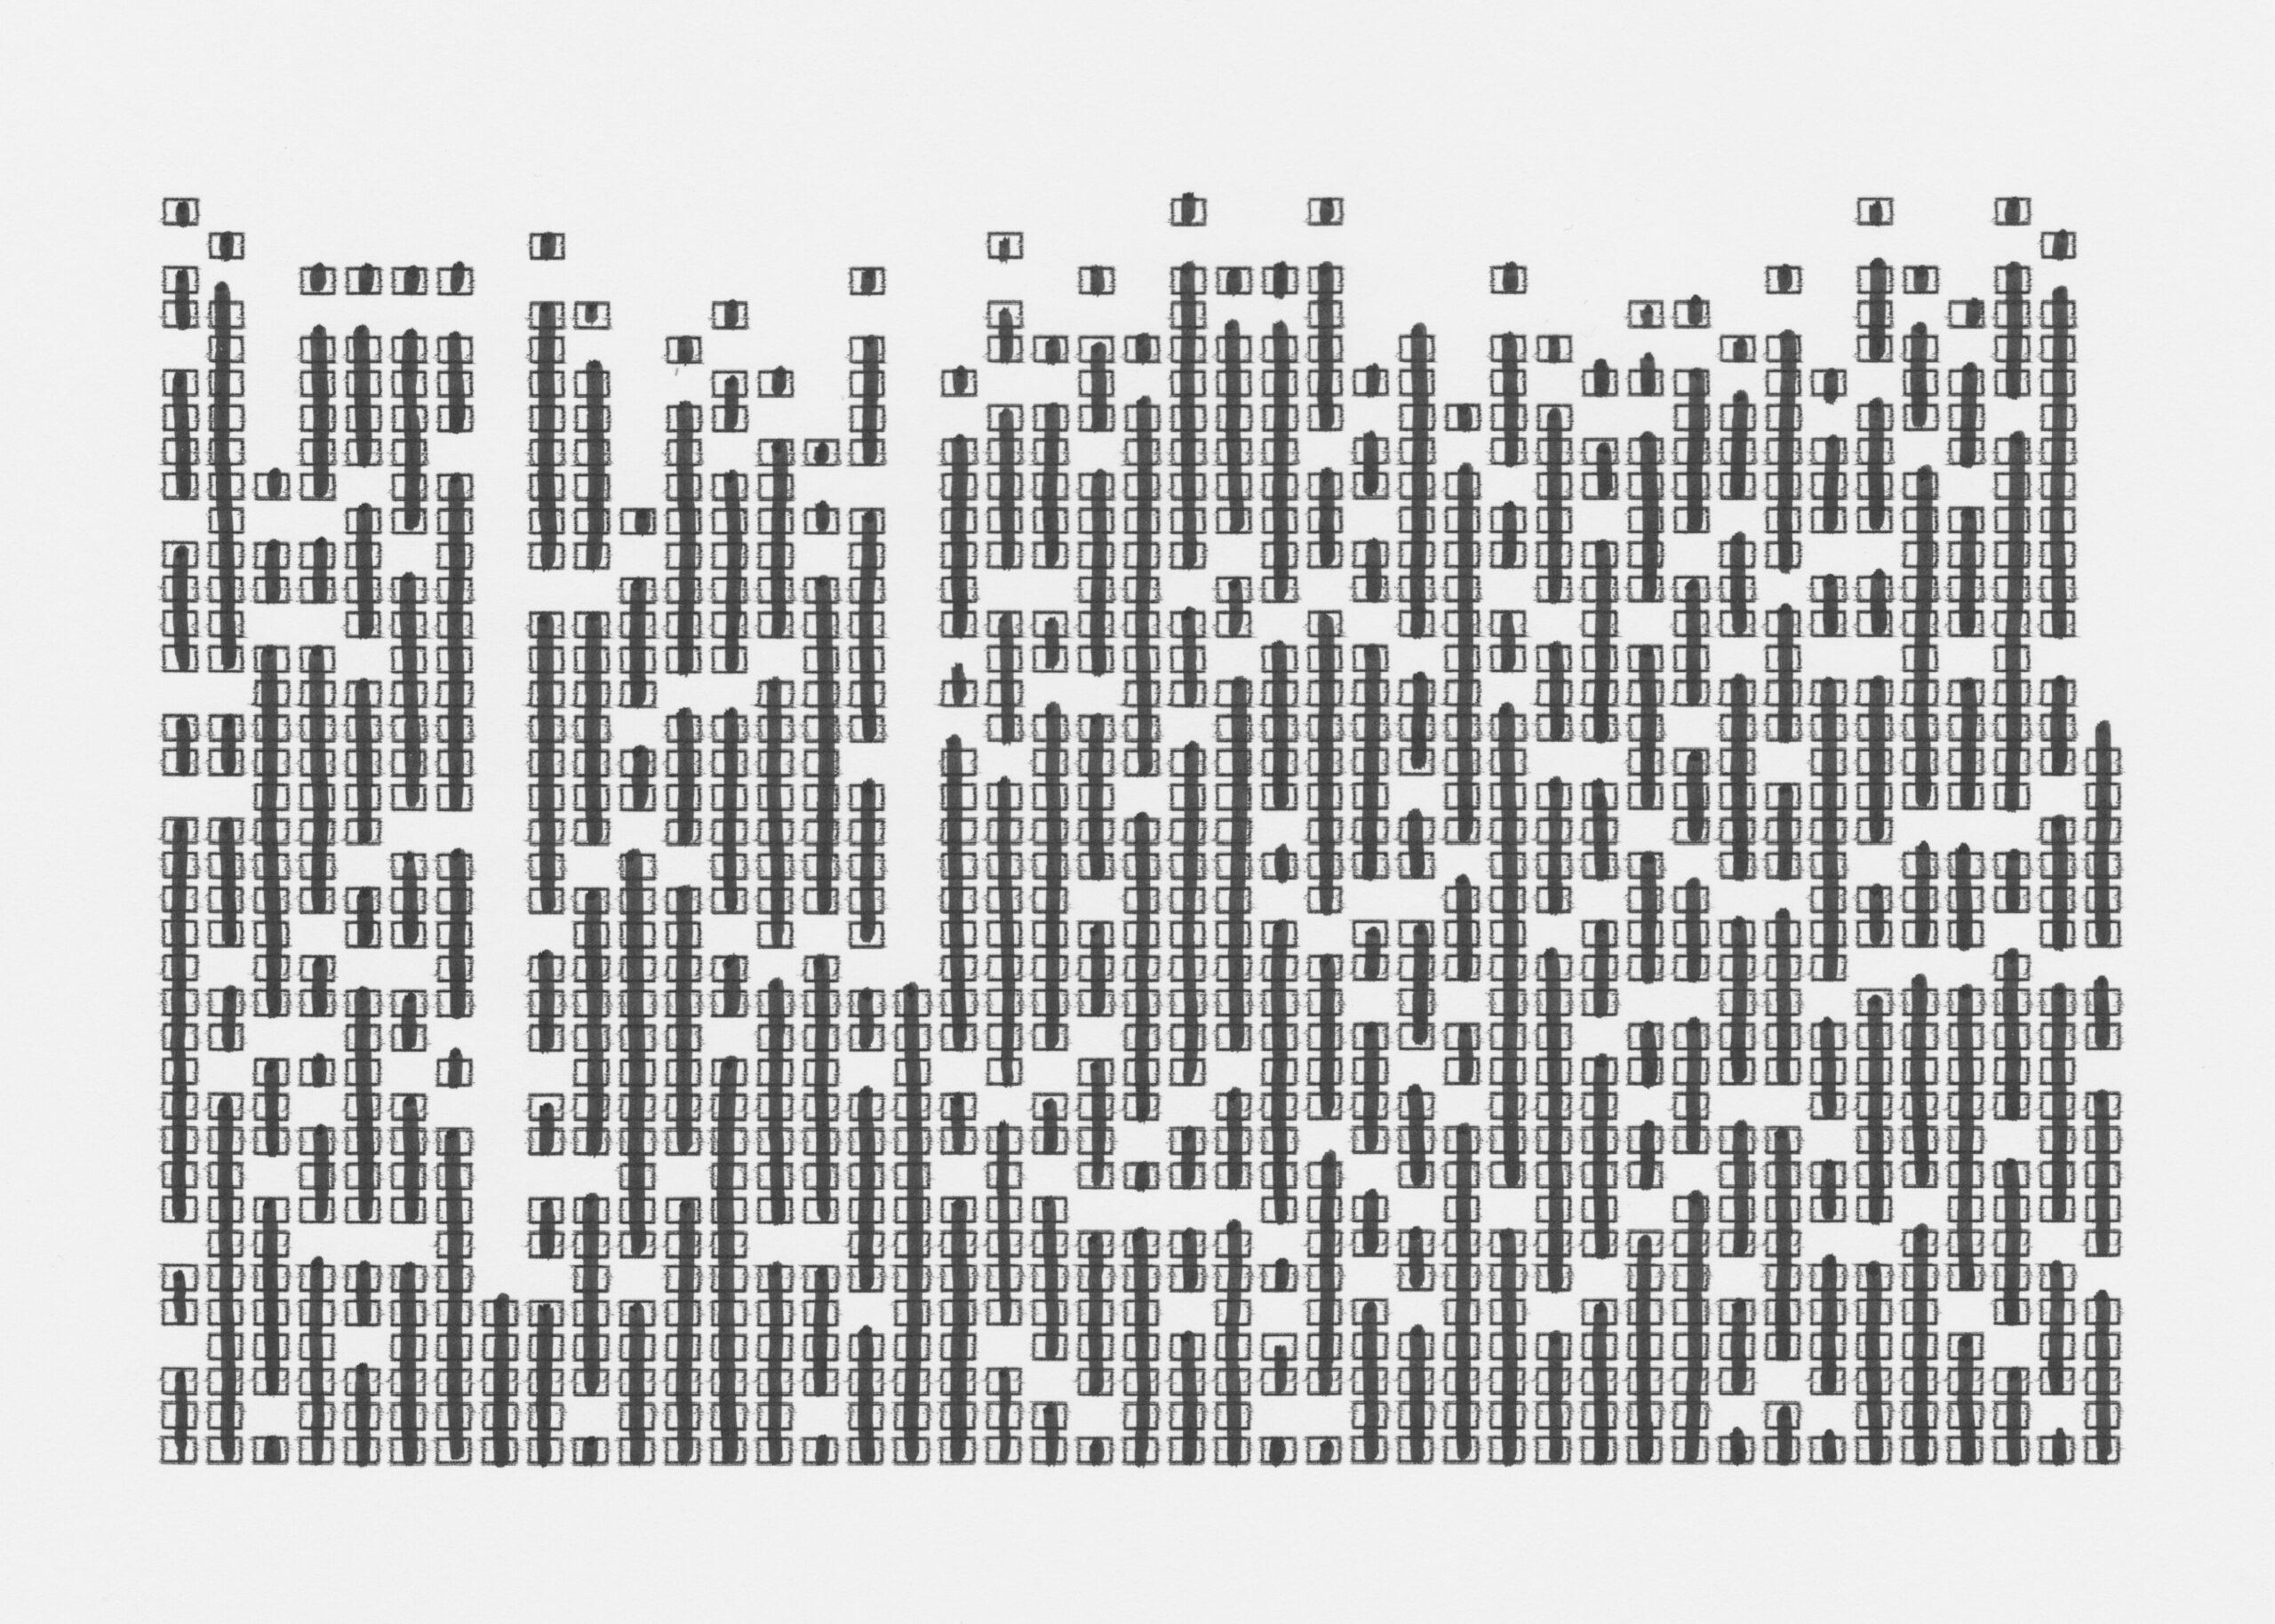 B_2020_04_23_scans_total_morseknittingScan-21